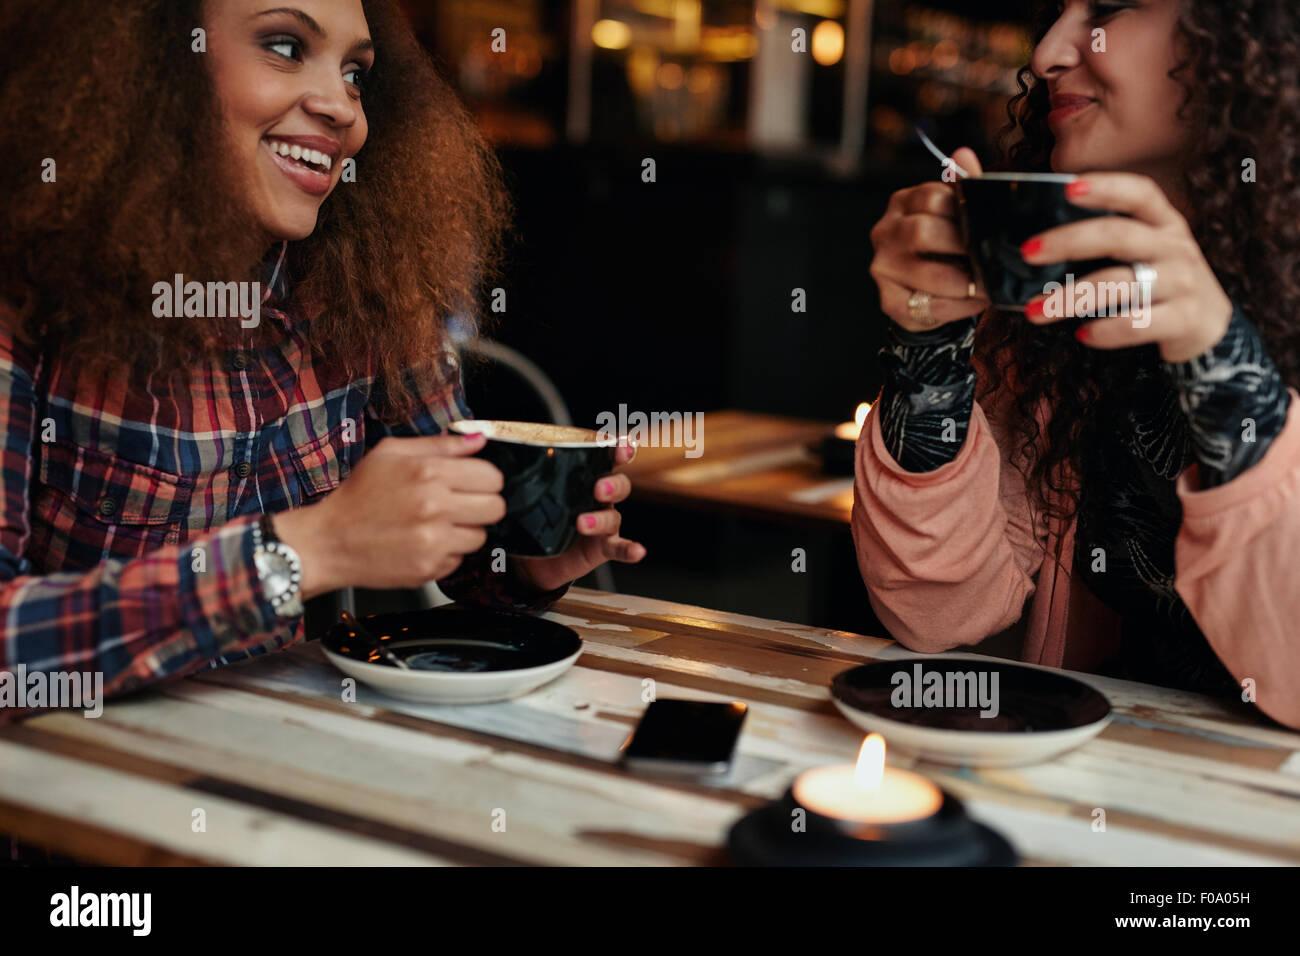 Schuss von einem jungen Freunden in einem Café beschnitten. Junge Frauen im Café sitzen am Tisch Kaffee Stockbild